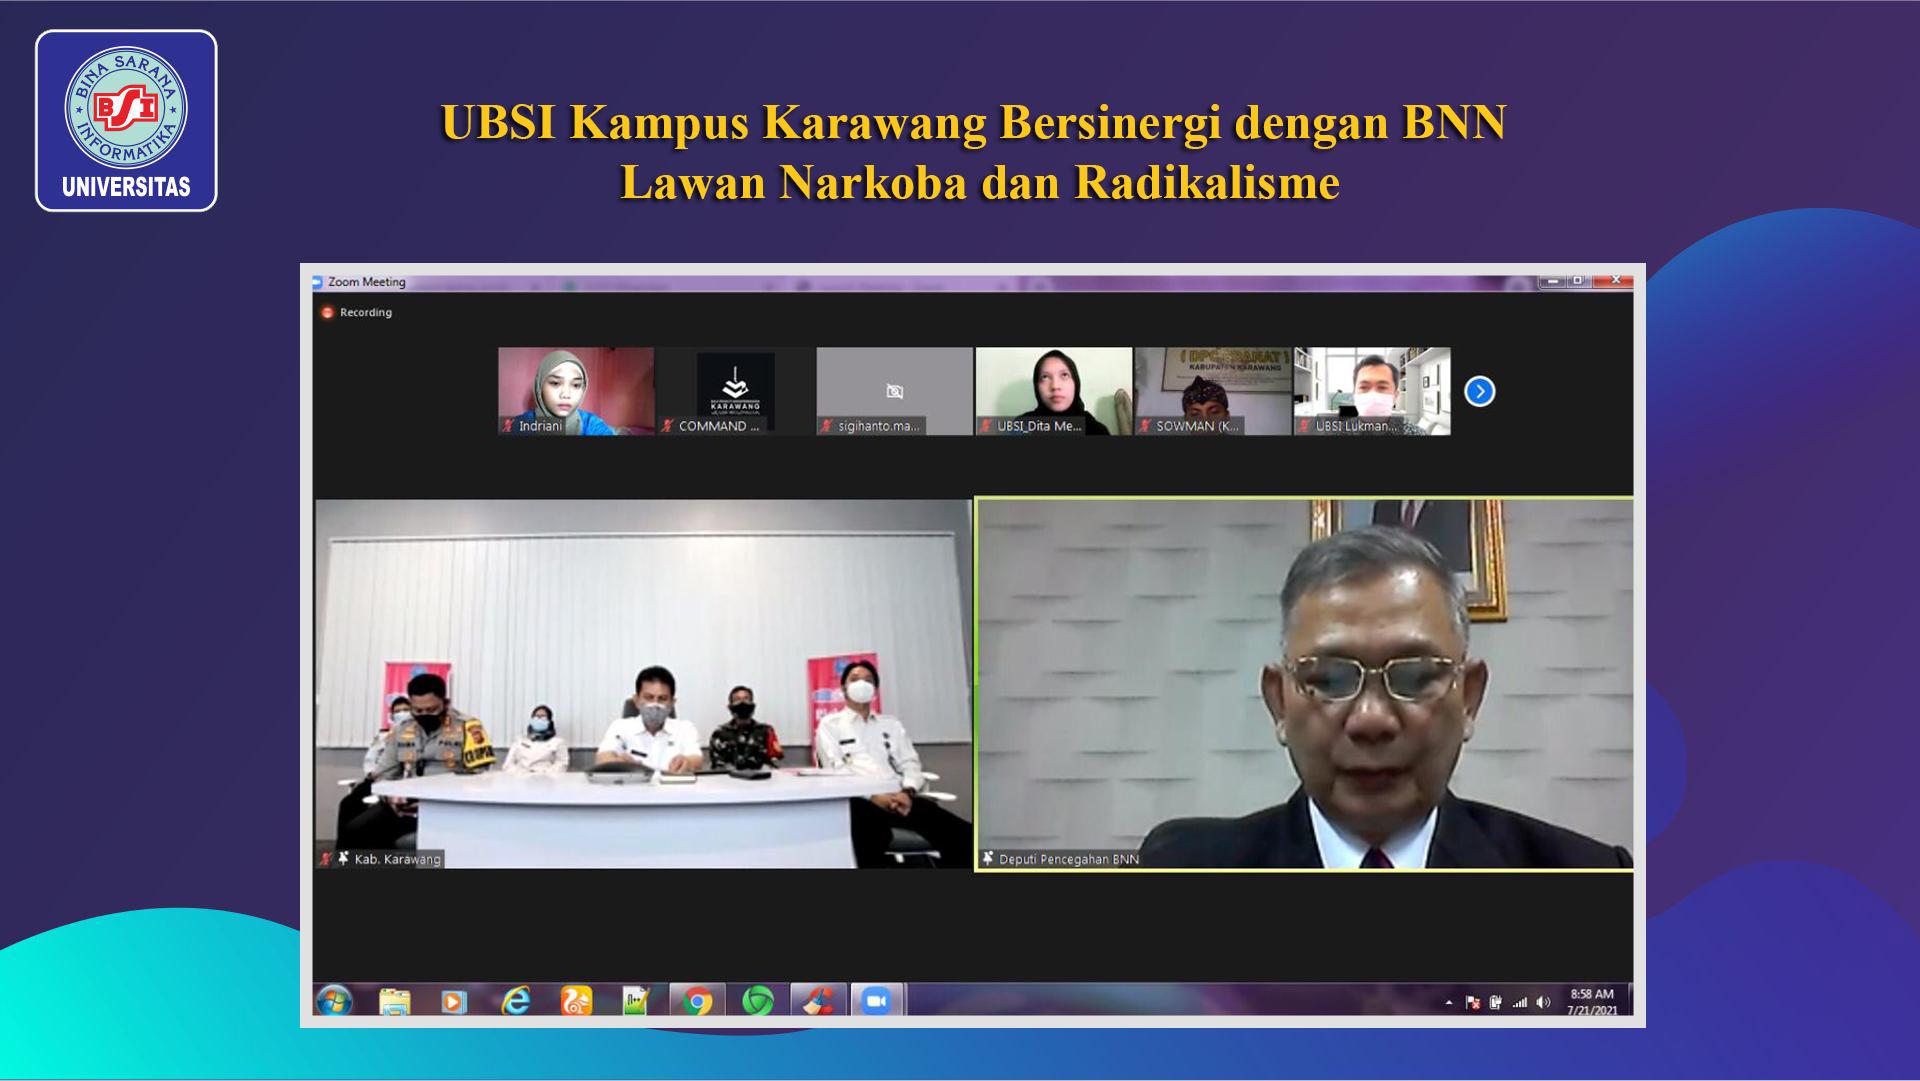 UBSI Kampus Karawang Bersinergi dengan BNN Lawan Narkoba dan Radikalisme